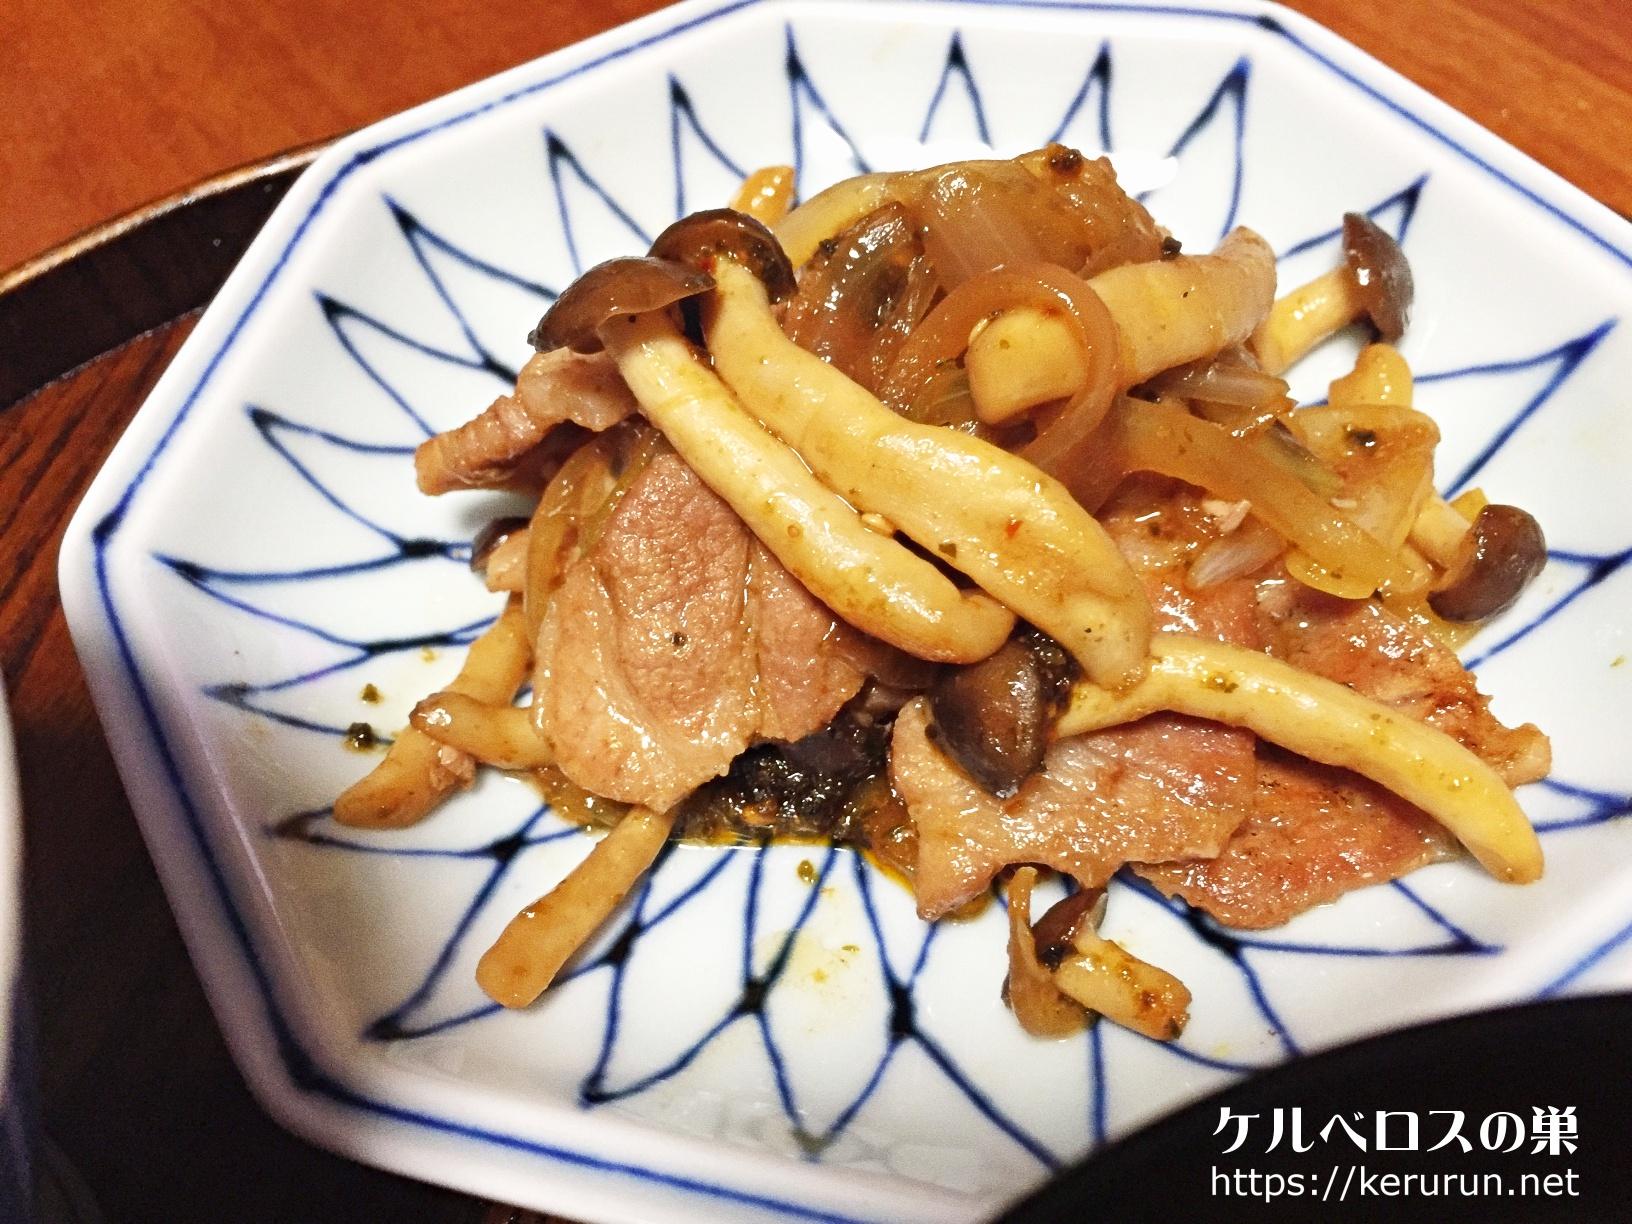 【一汁一菜】絹揚げと大根と大根の葉の味噌汁&豚肩ロースとしめじの山椒炒め